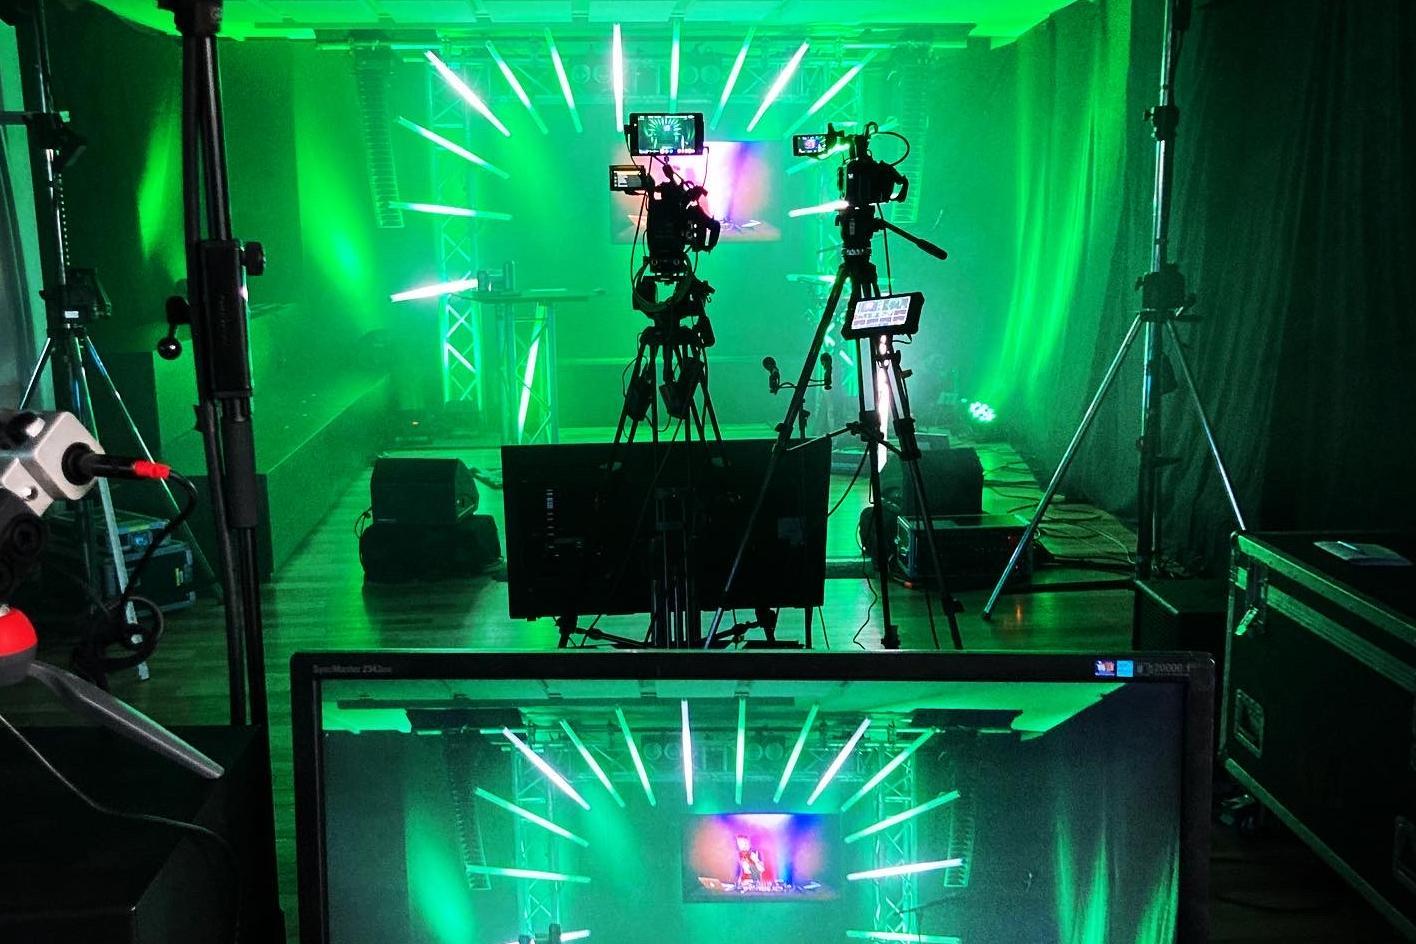 Pop-Up-Studio für eine gelungene Eventdramaturgie bei Online-Events